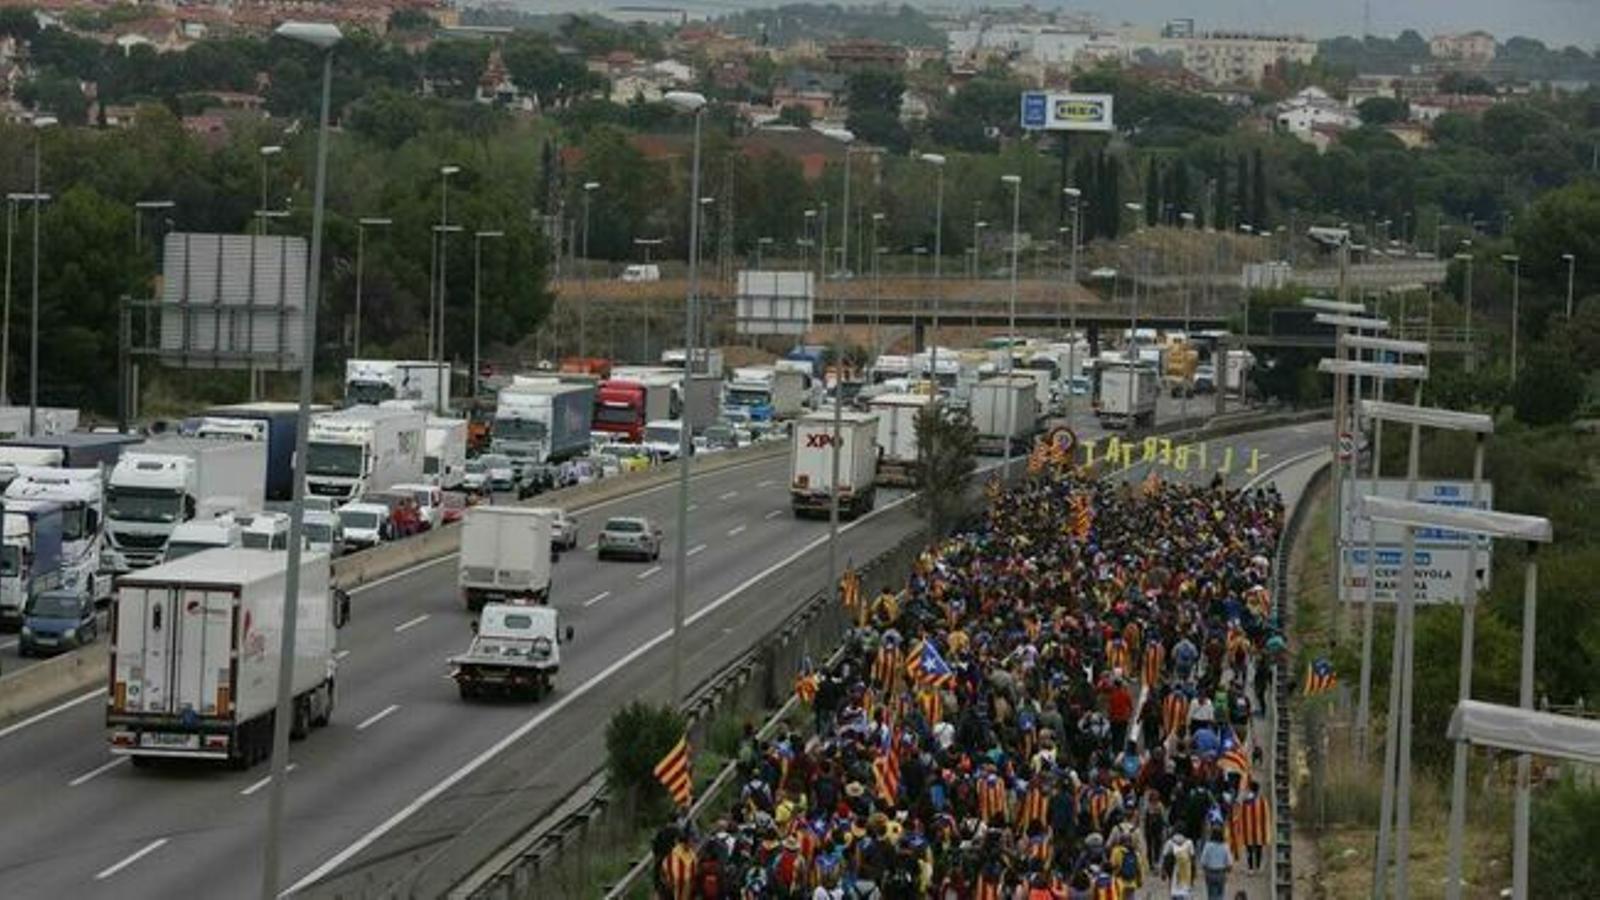 Nombroses carreteres tallades per la vaga general